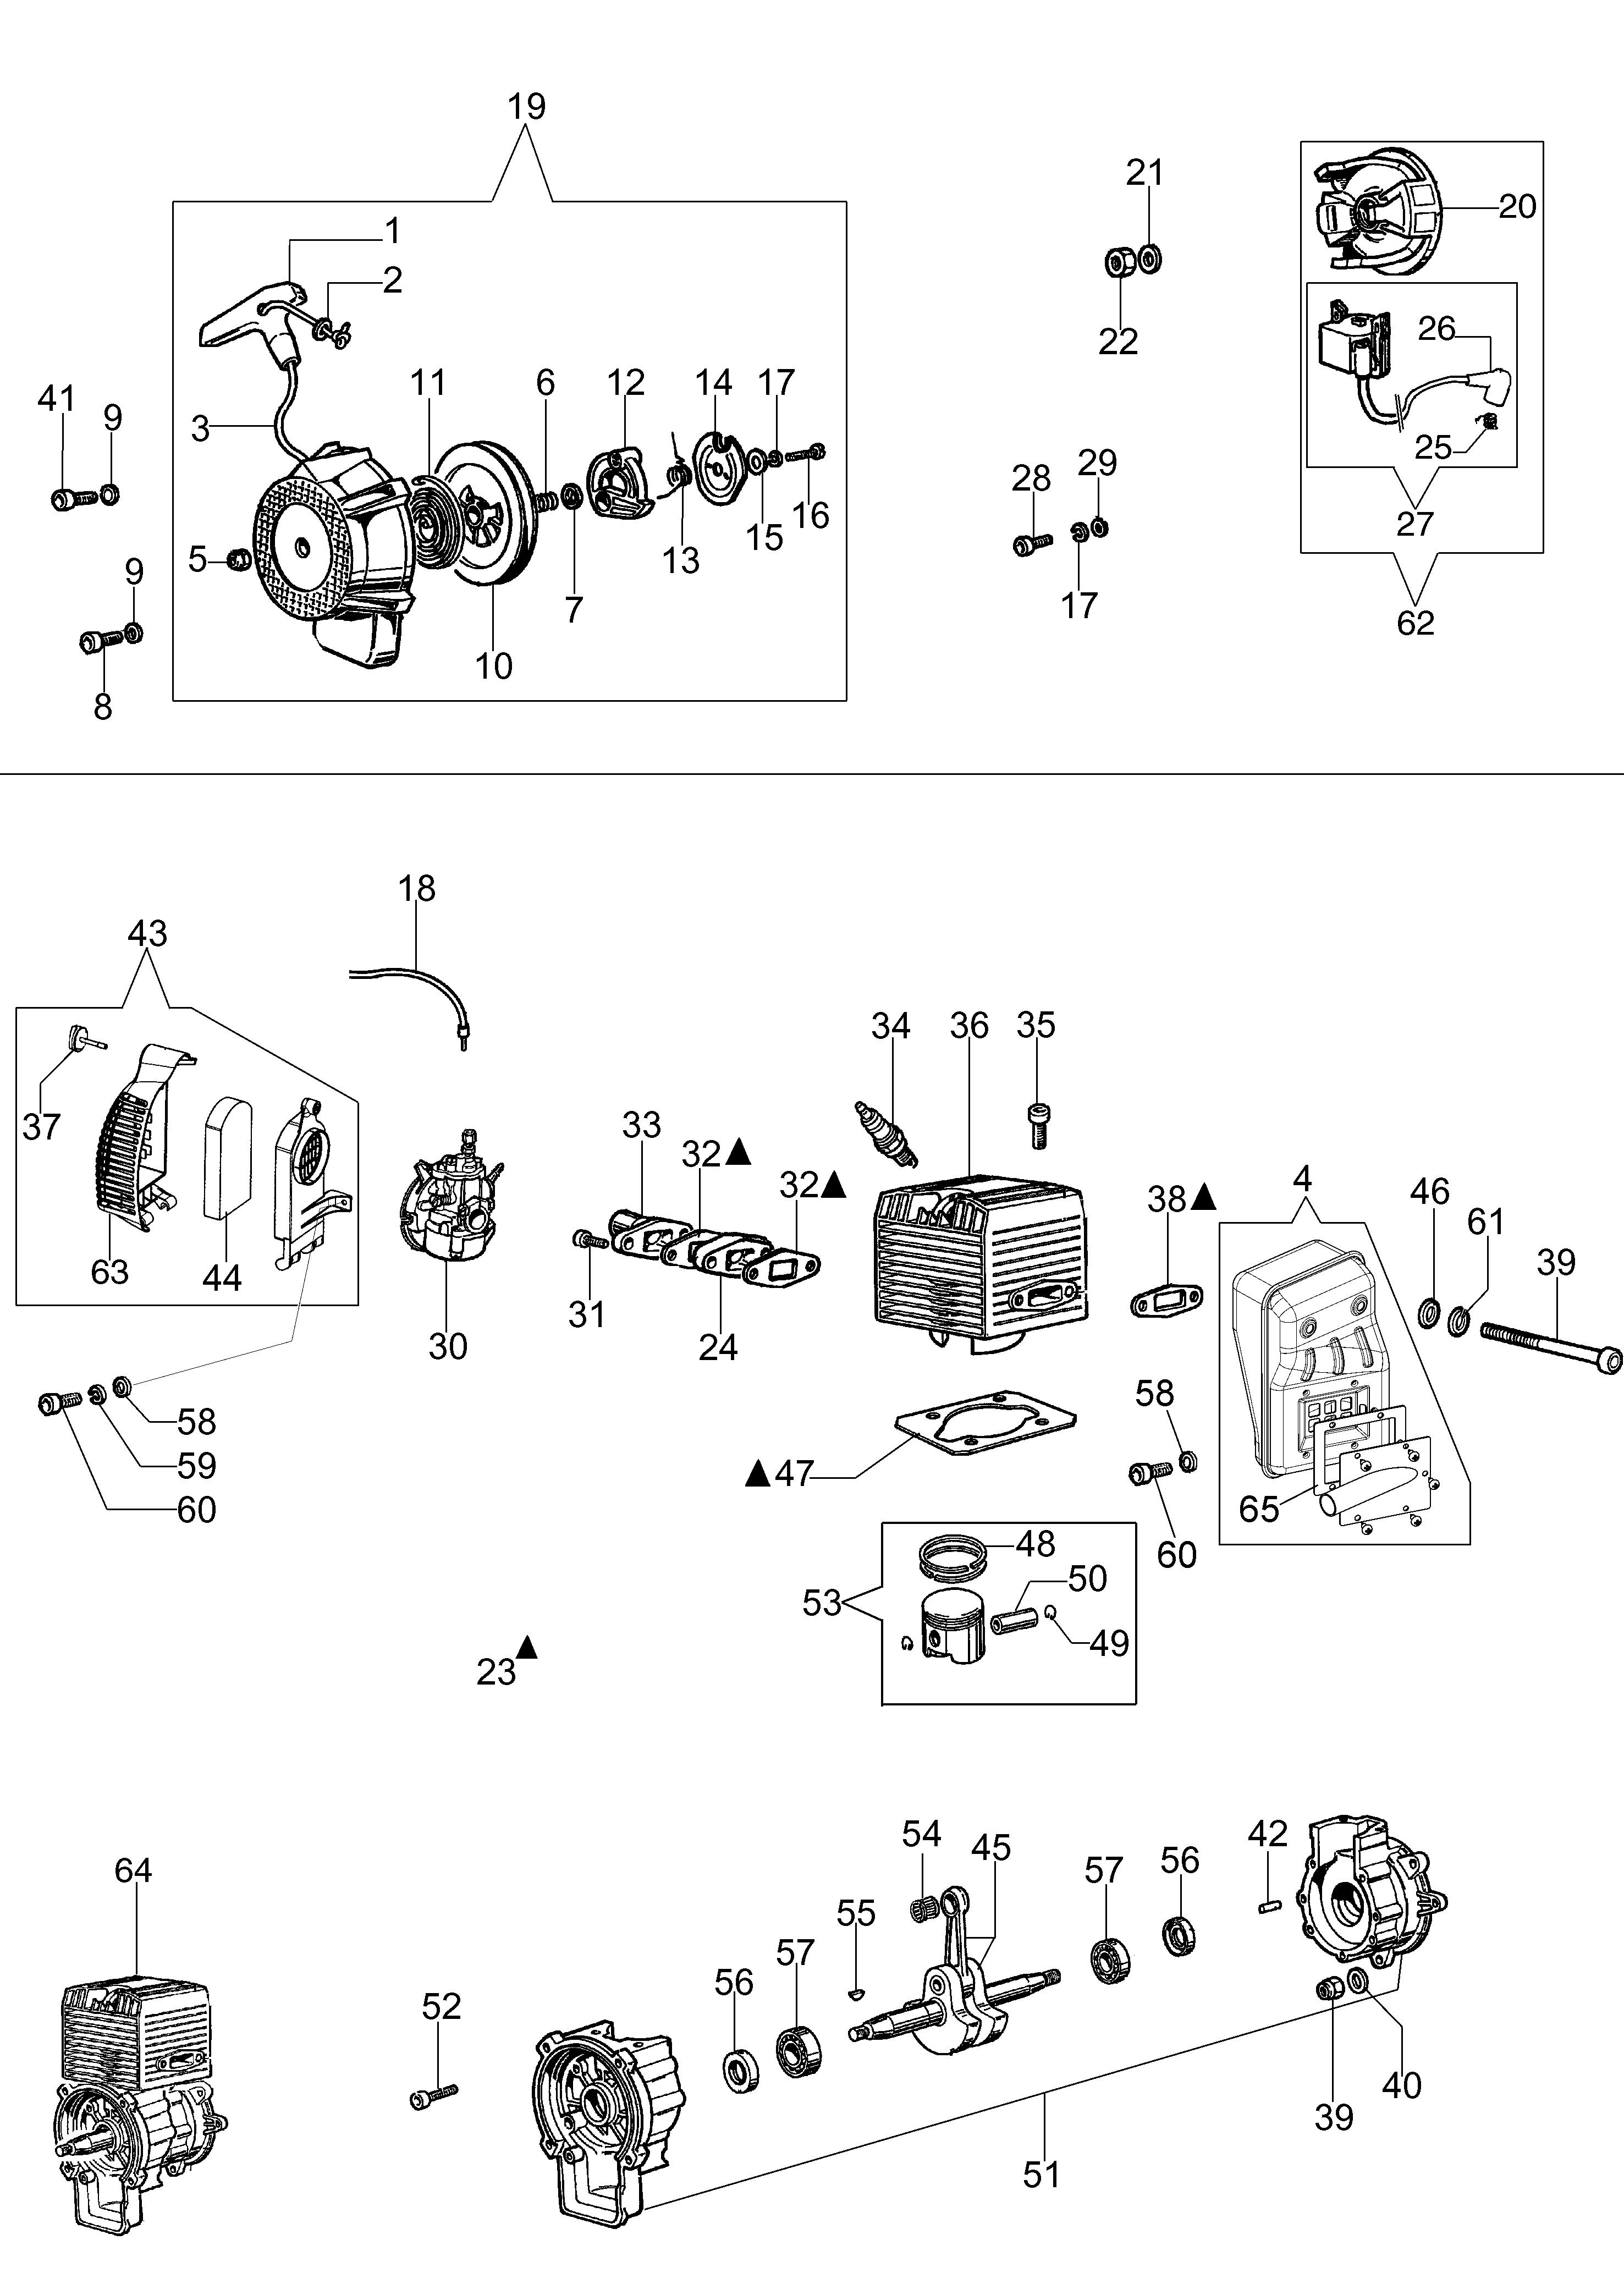 MB 80 Atomiseur oleomac Dessins pièces vue éclatée  Démarrage et moteur